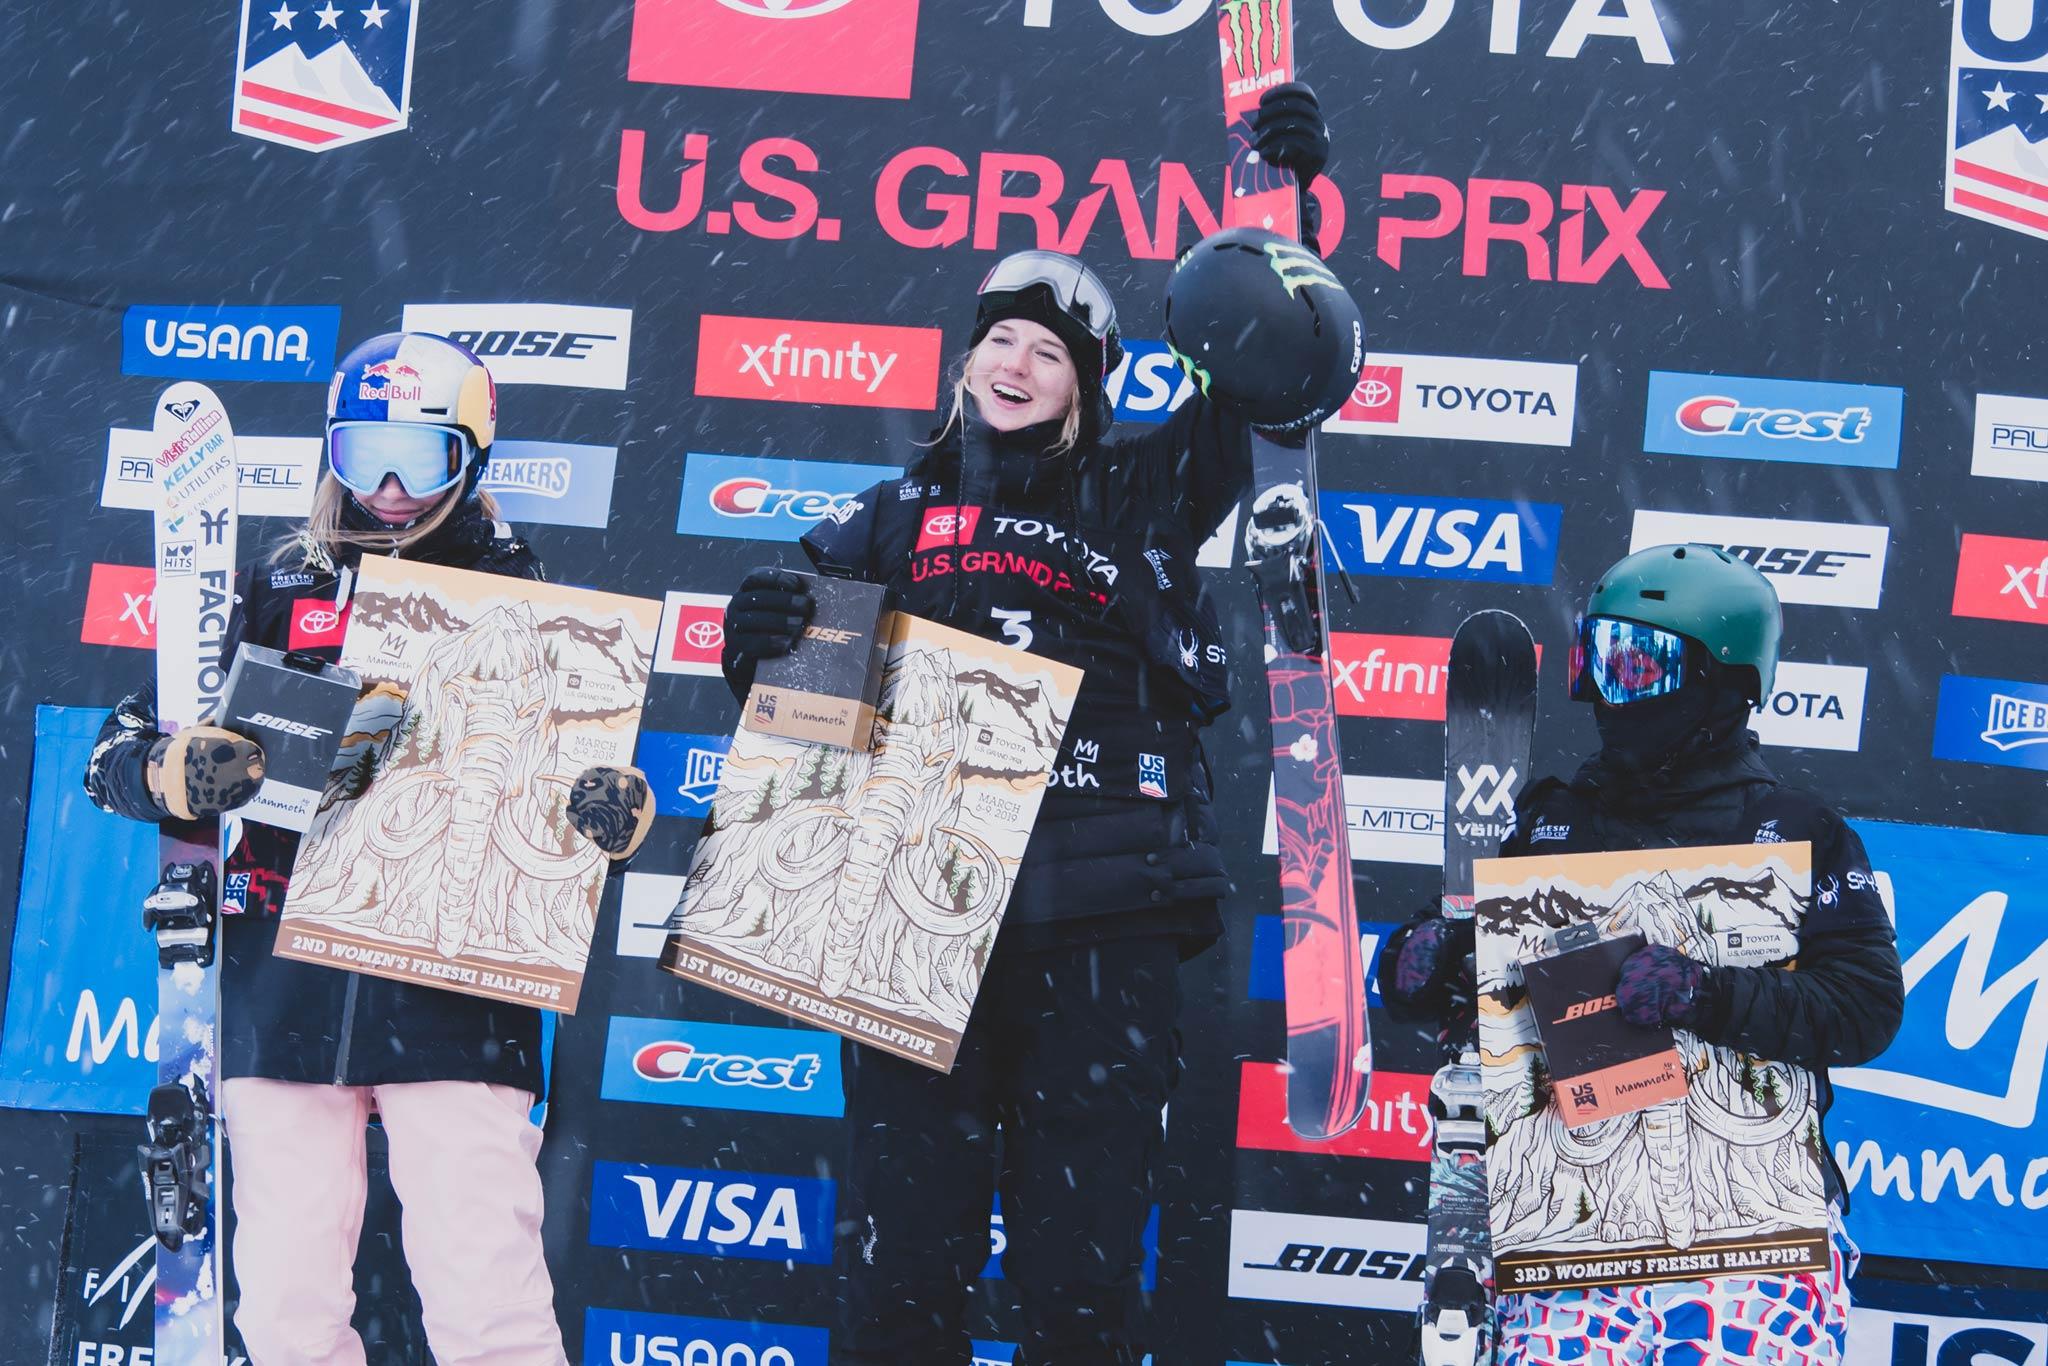 Die drei besten Frauen beim FIS Freestyle Halfpipe World Cup 18/19 in Mammoth Mountain (USA): Kelly Sildaru (EST), Cassie Sharpe (CAN), Kexin Zhang (CHN) – Foto: FIS Freestyle